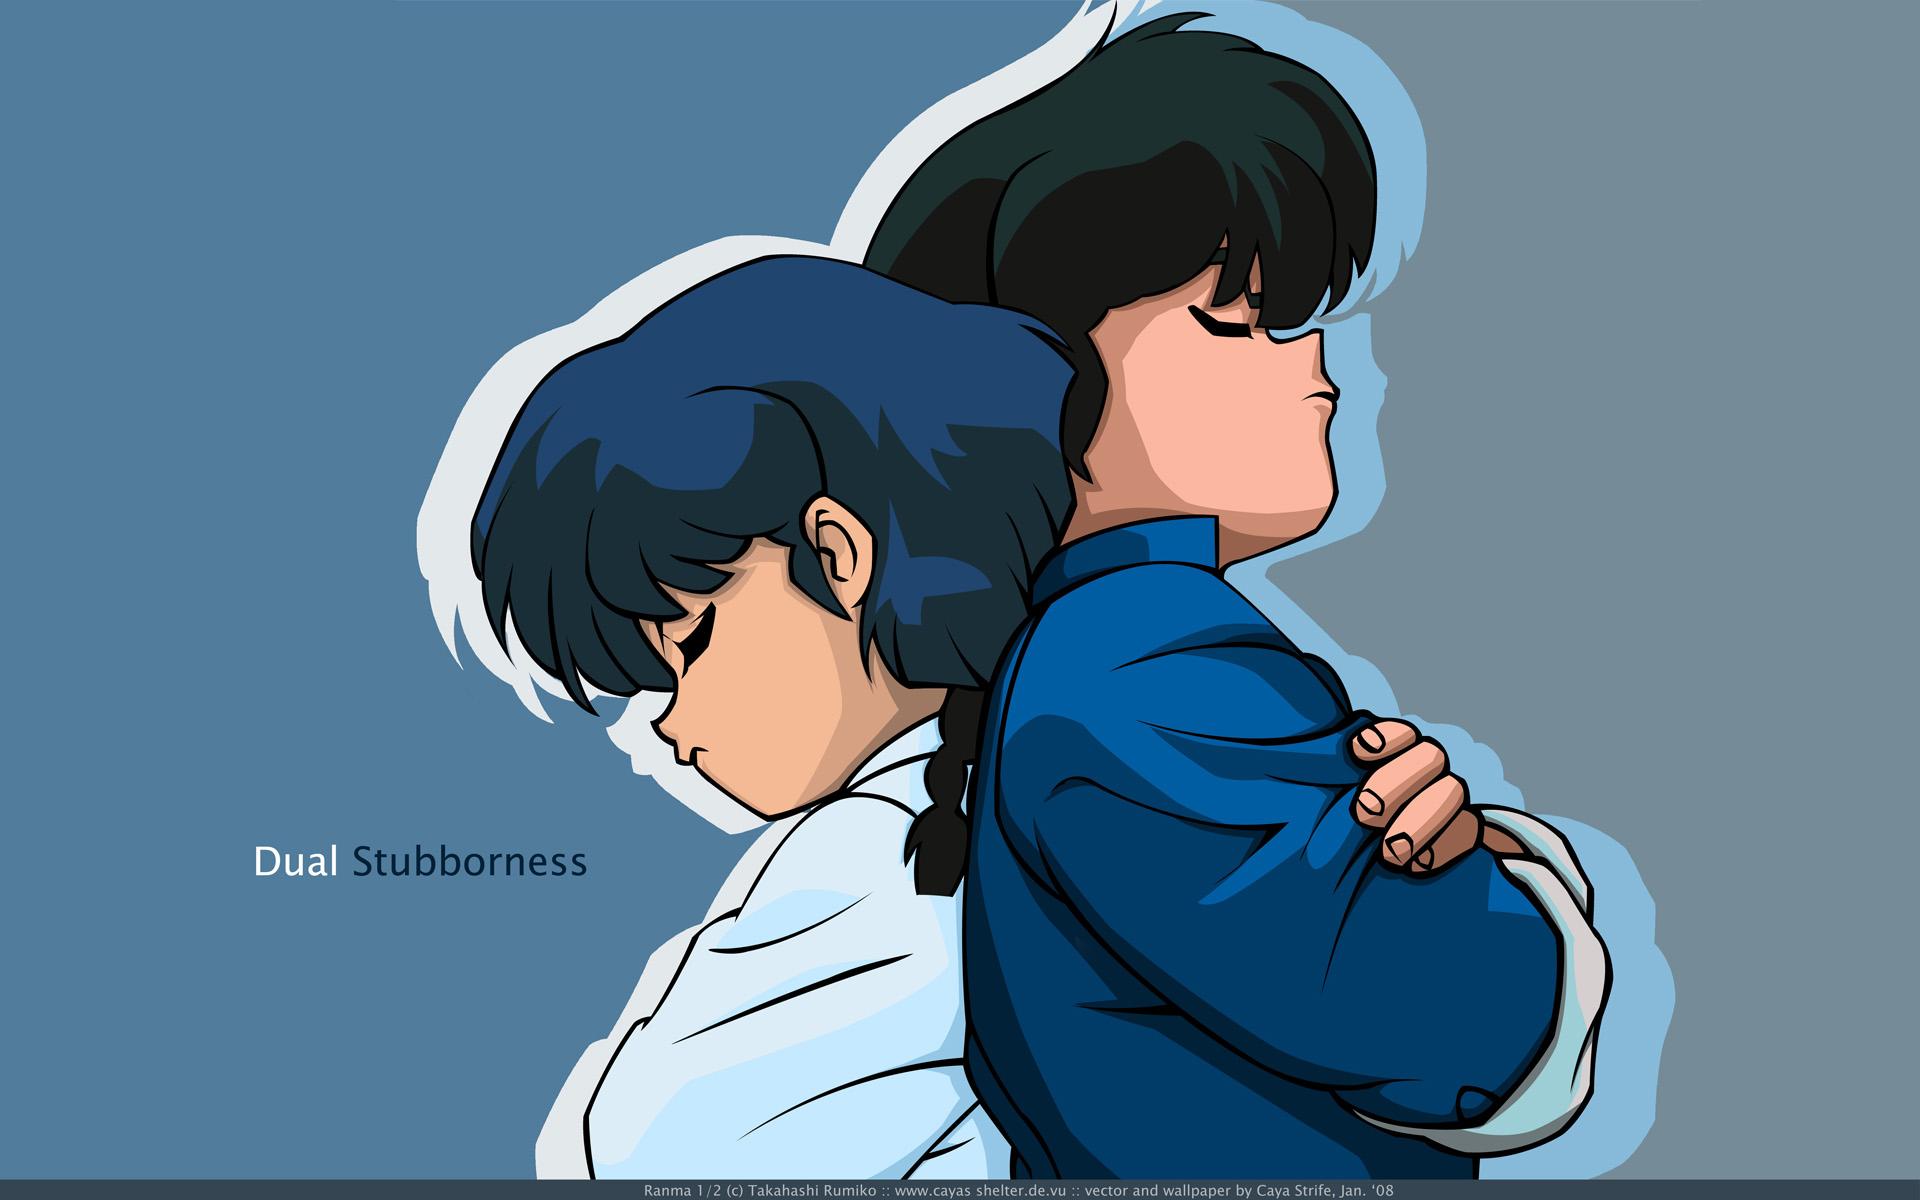 Fall Anime Wallpaper Vocaloid 3 Ranma 189 Fondos De Pantalla Hd Fondos De Escritorio